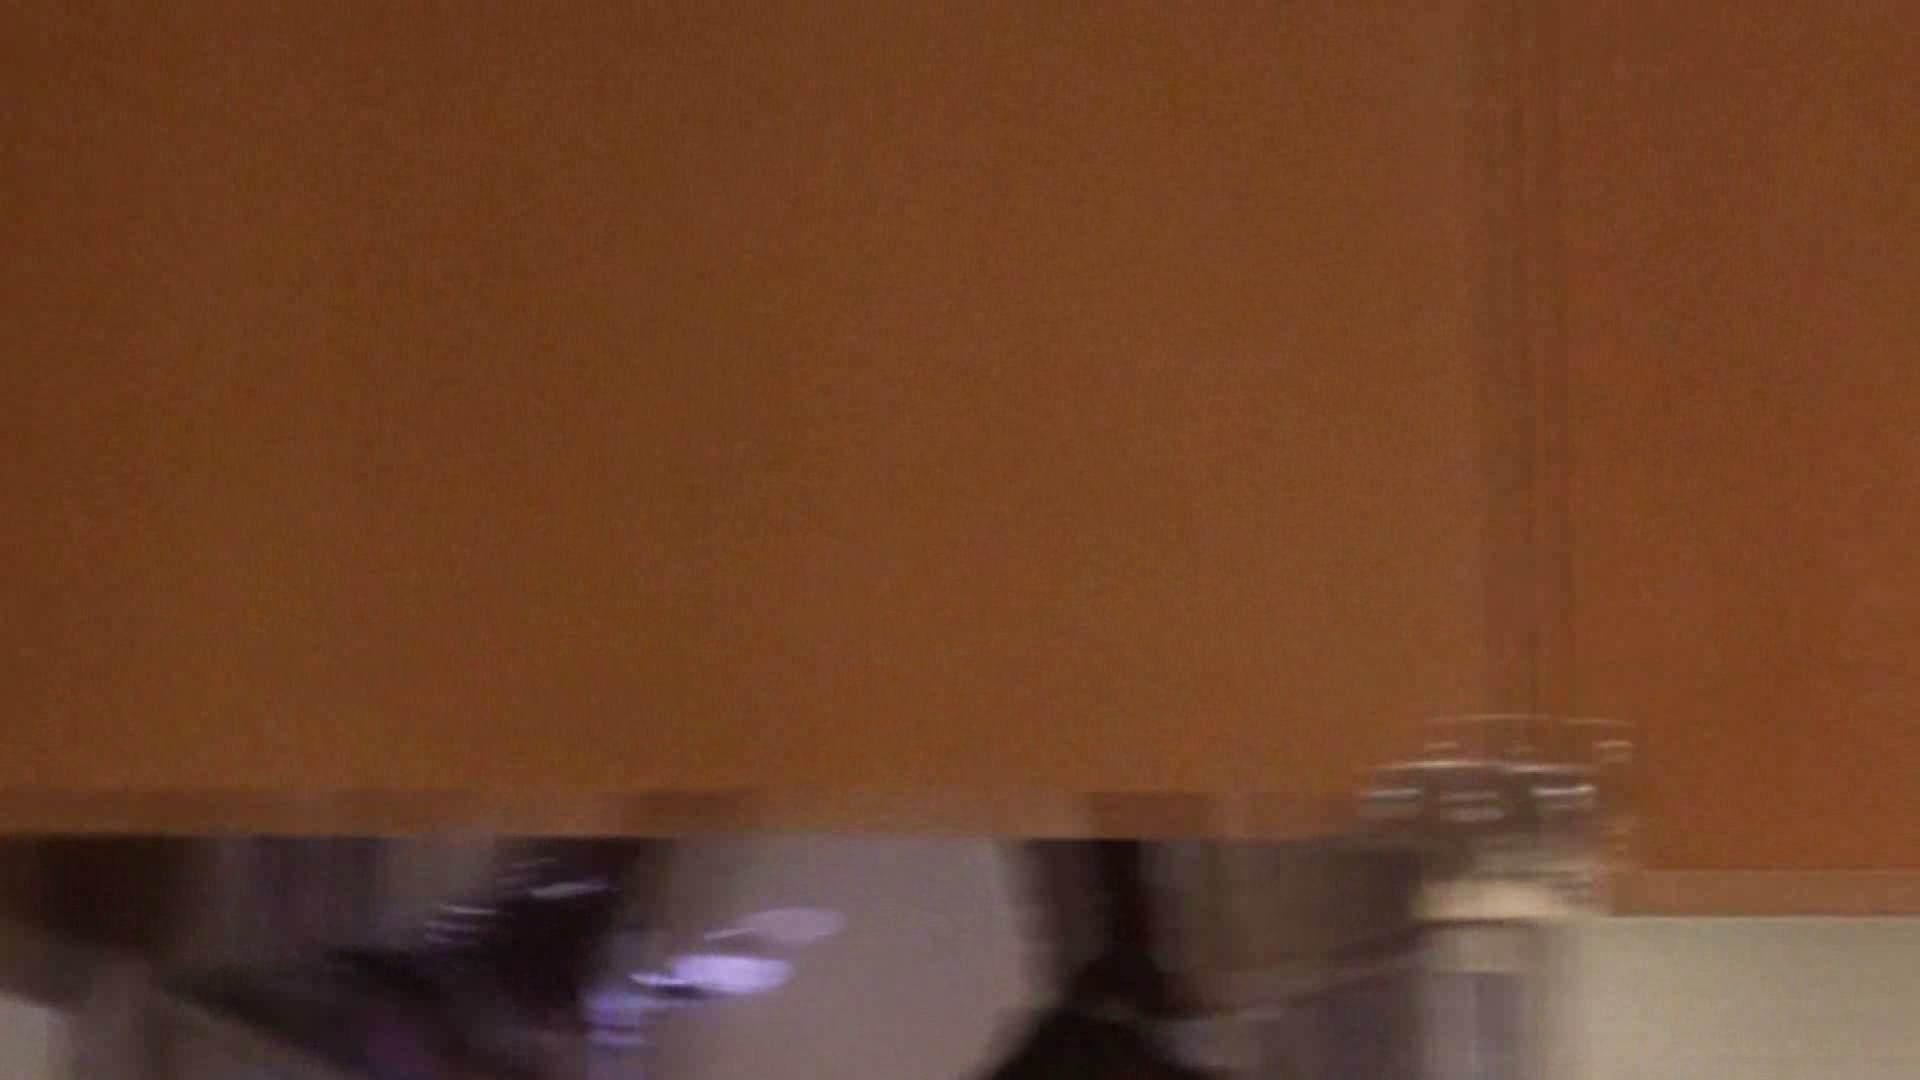 「噂」の国の厠観察日記2 Vol.01 美しいOLの裸体  102pic 75